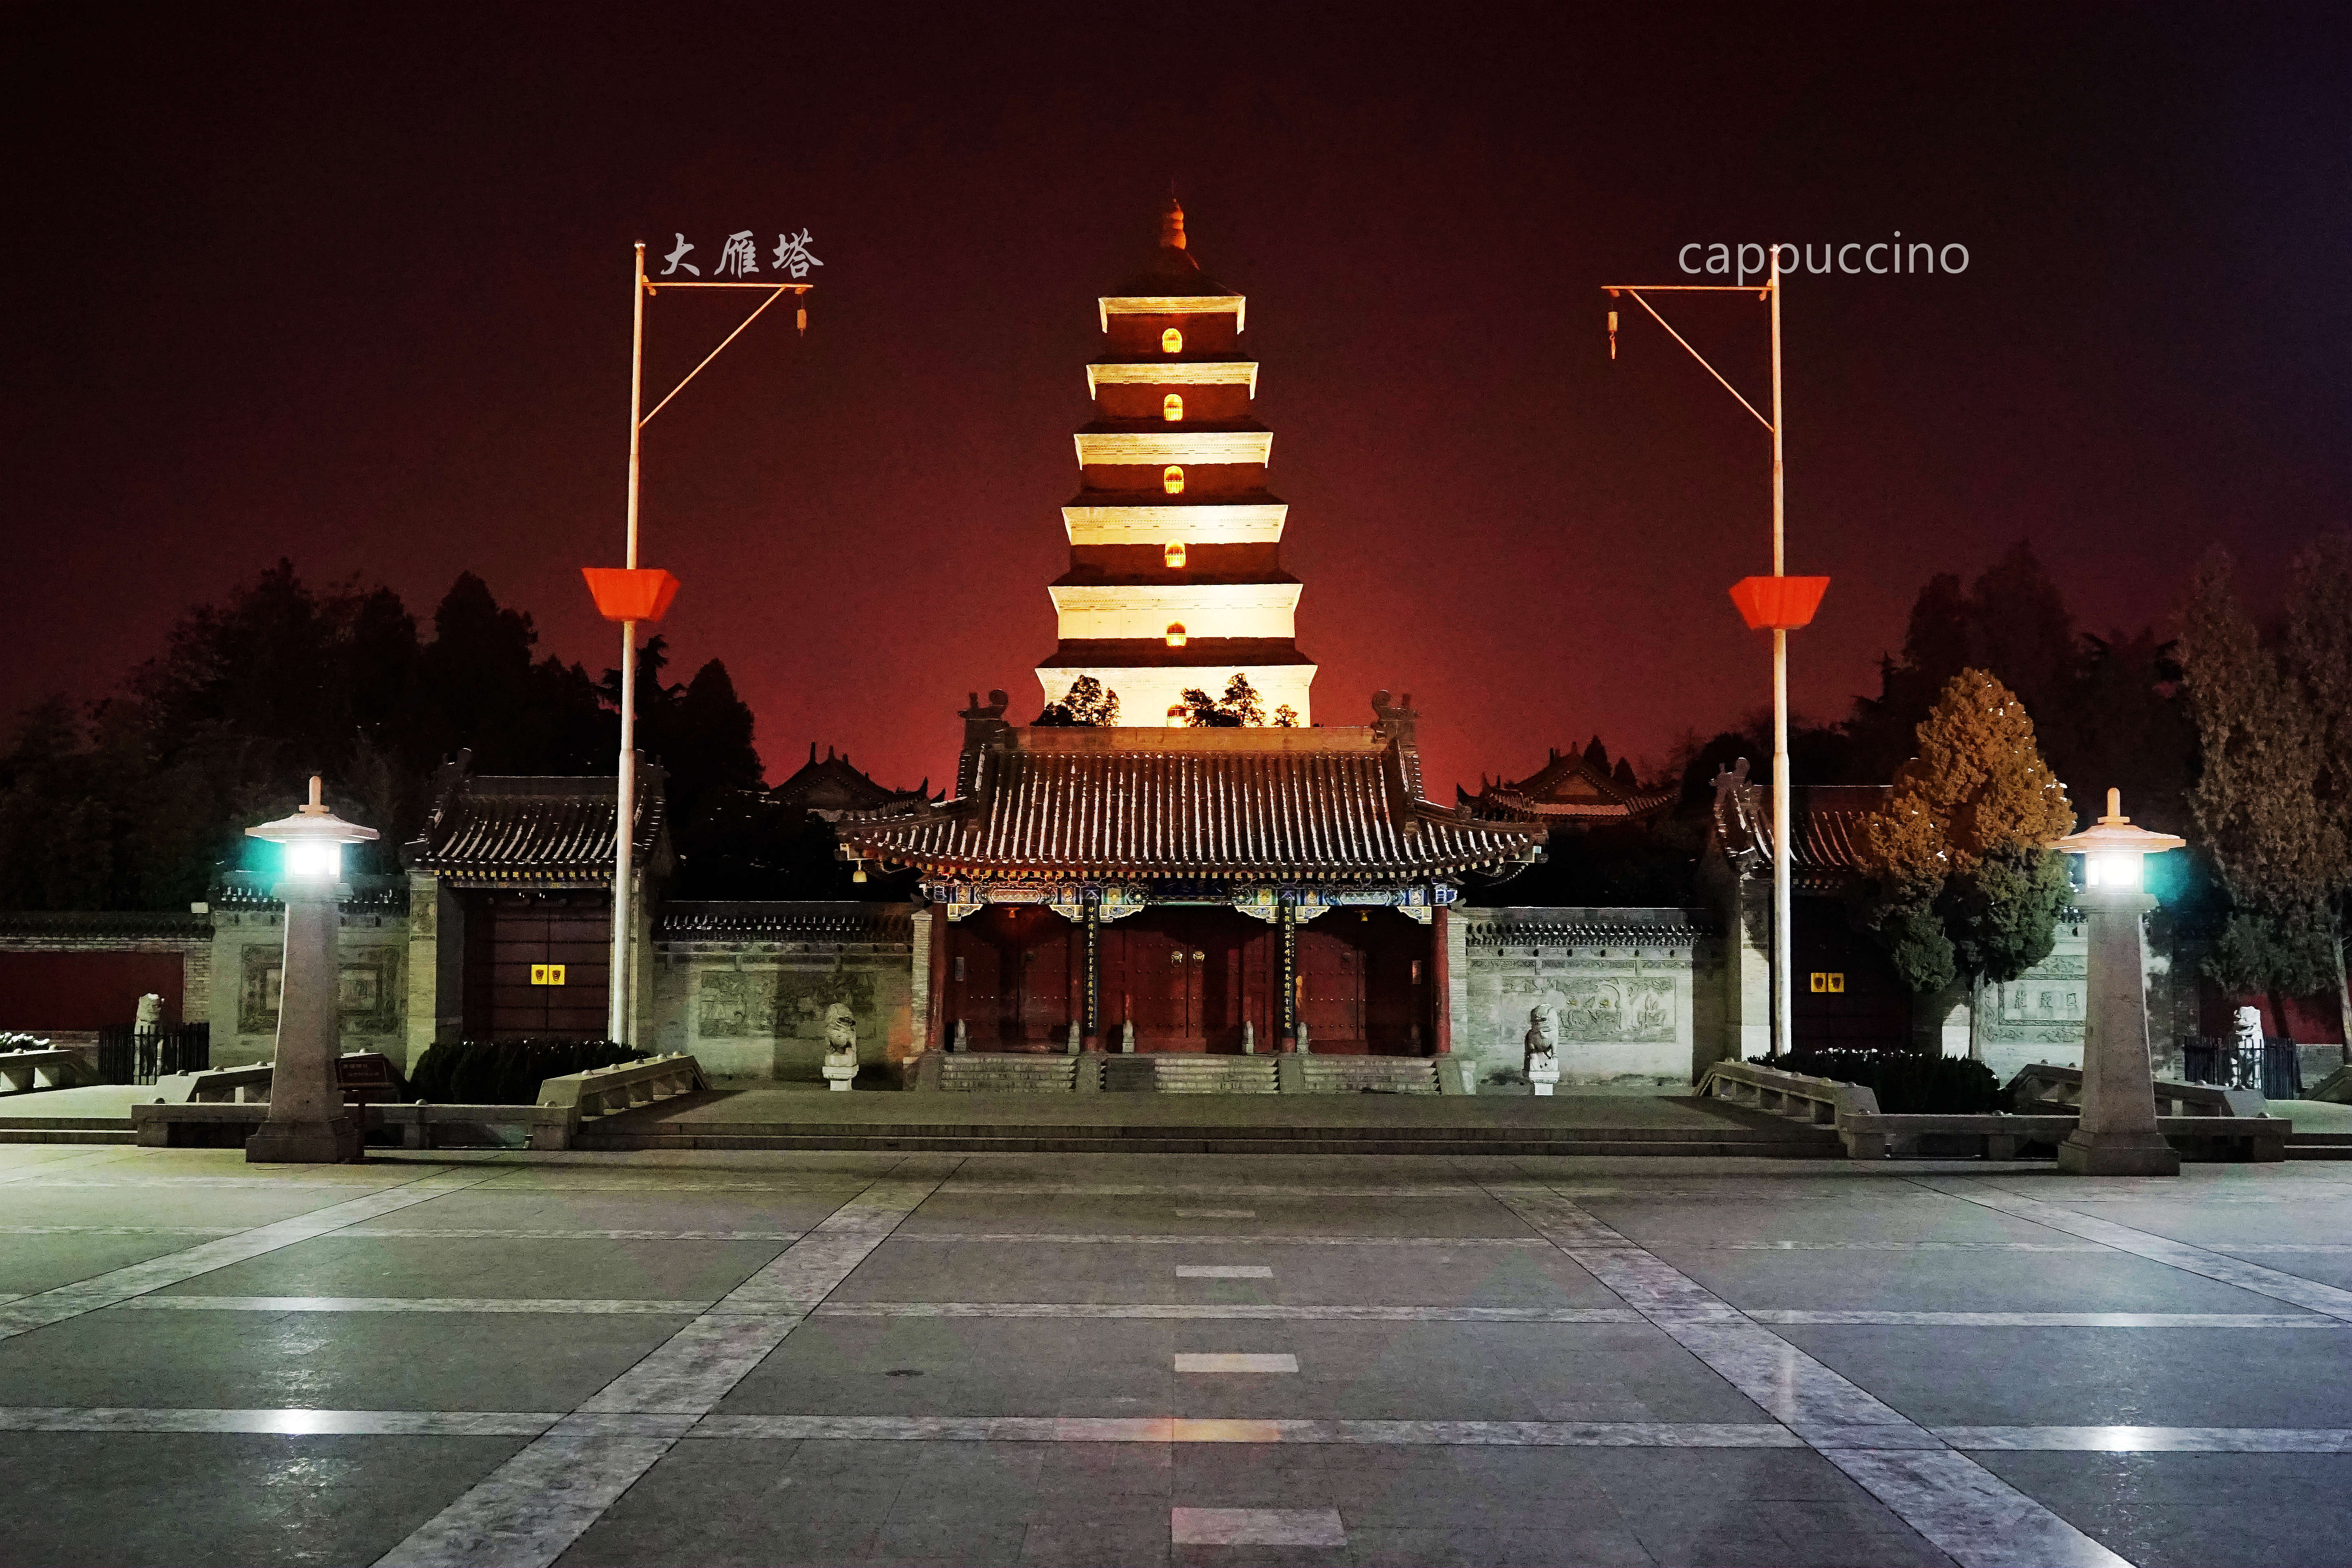 这个集休闲娱乐为一体的历史街区重现了西安大唐帝国辉煌盛世极具